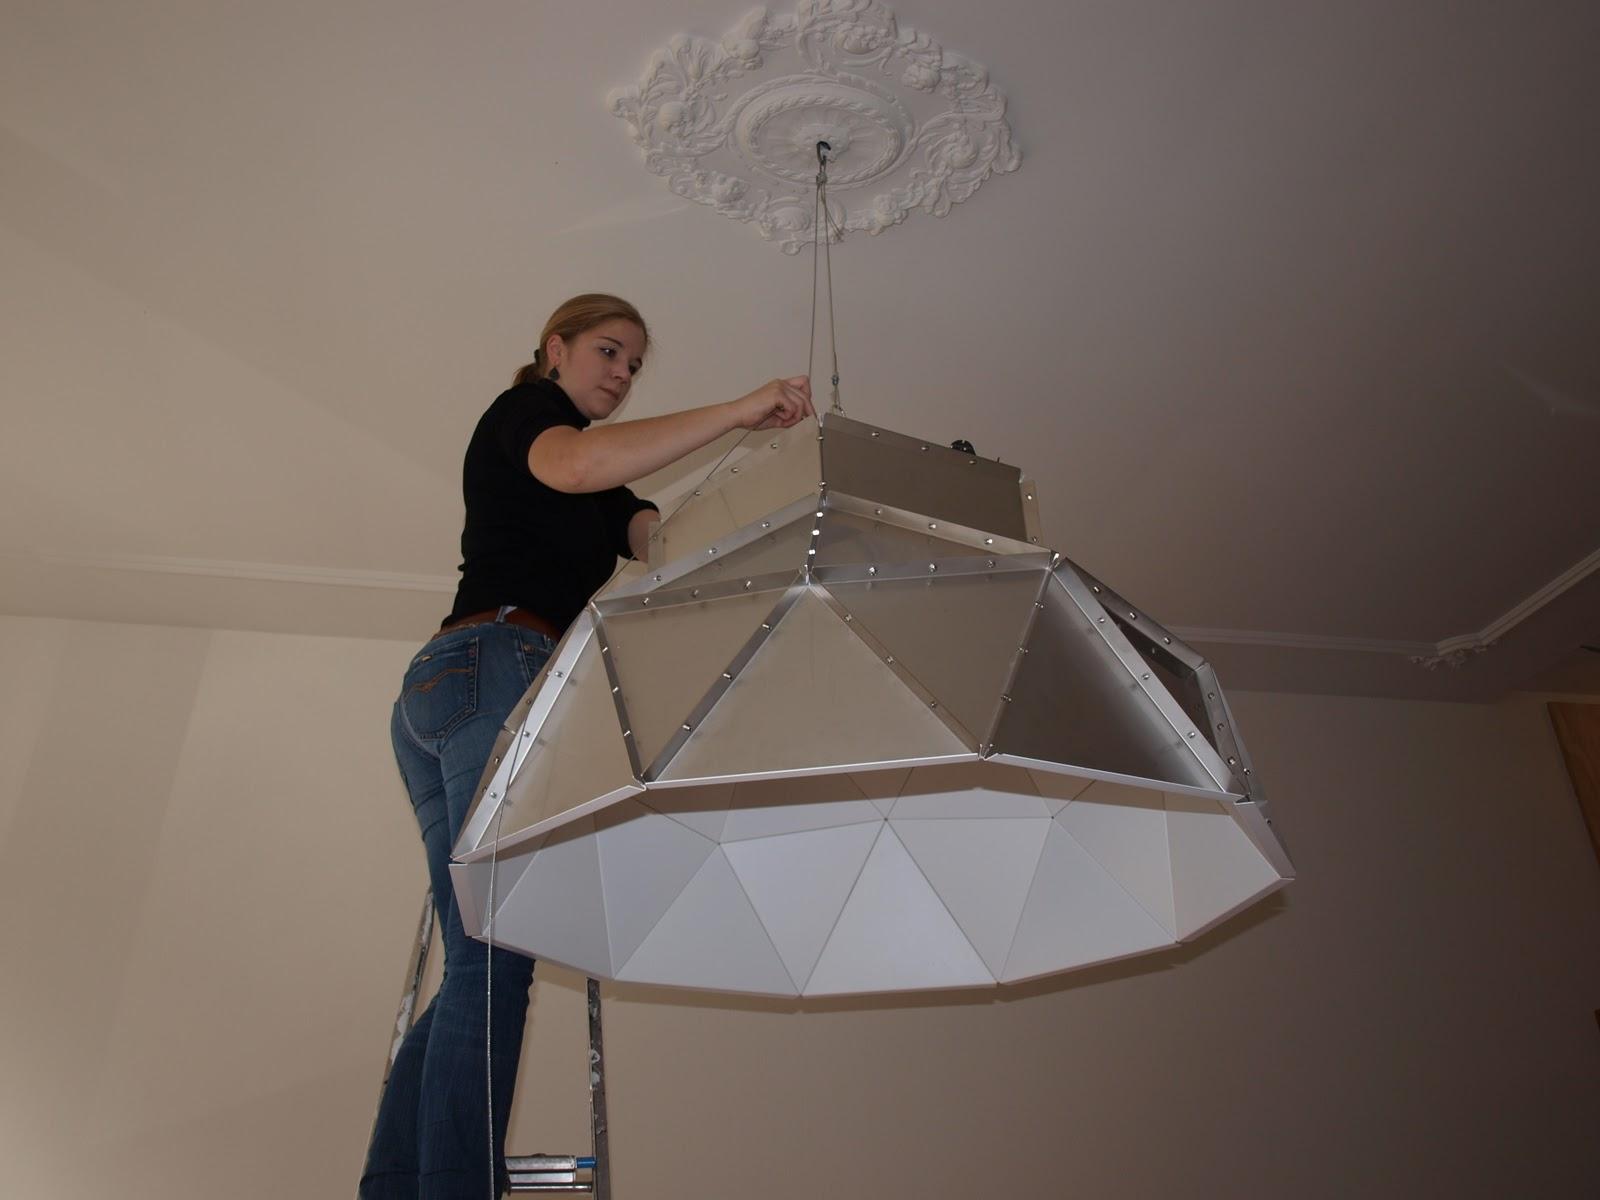 Romy kühne design: november 2011